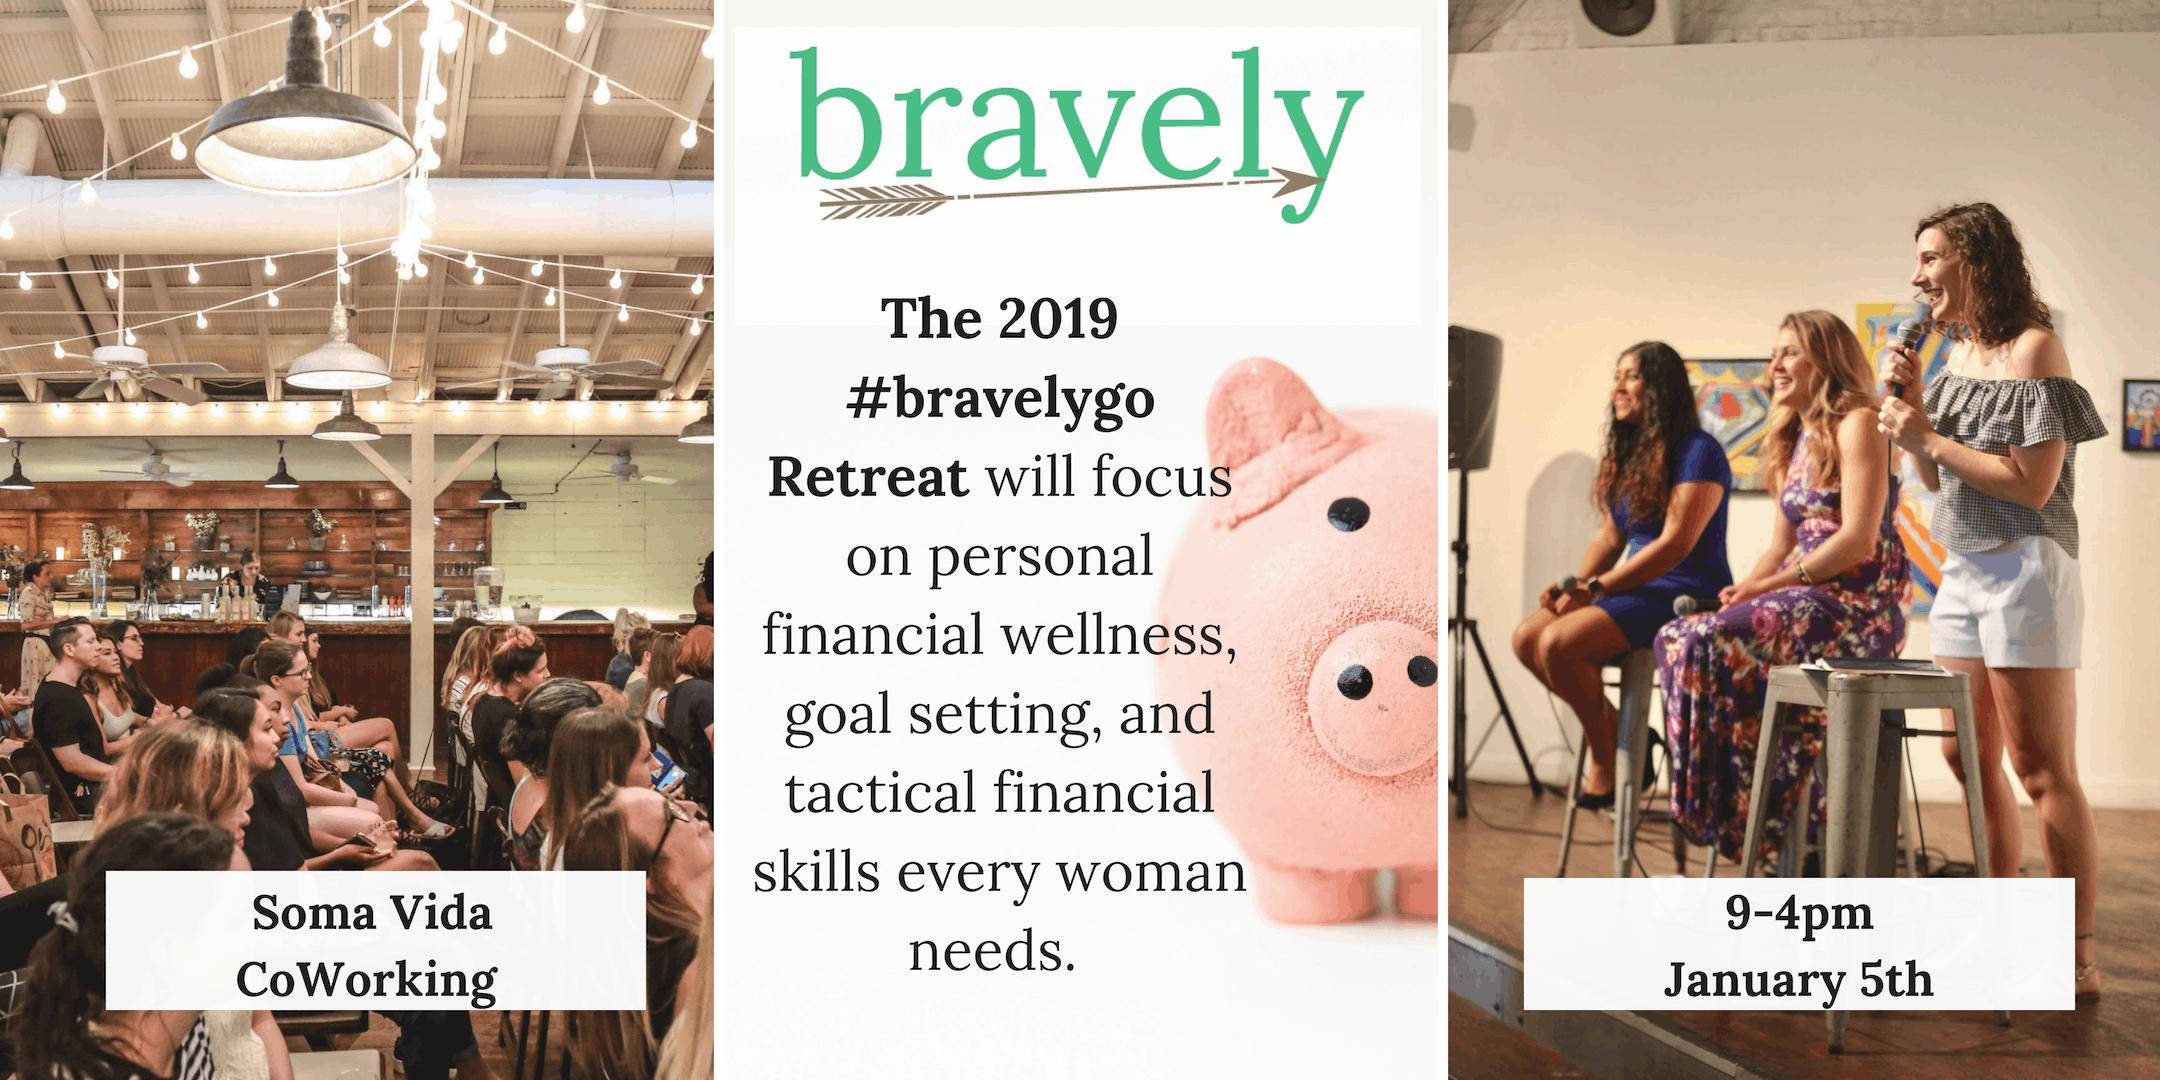 2019 Bravelygo Retreat